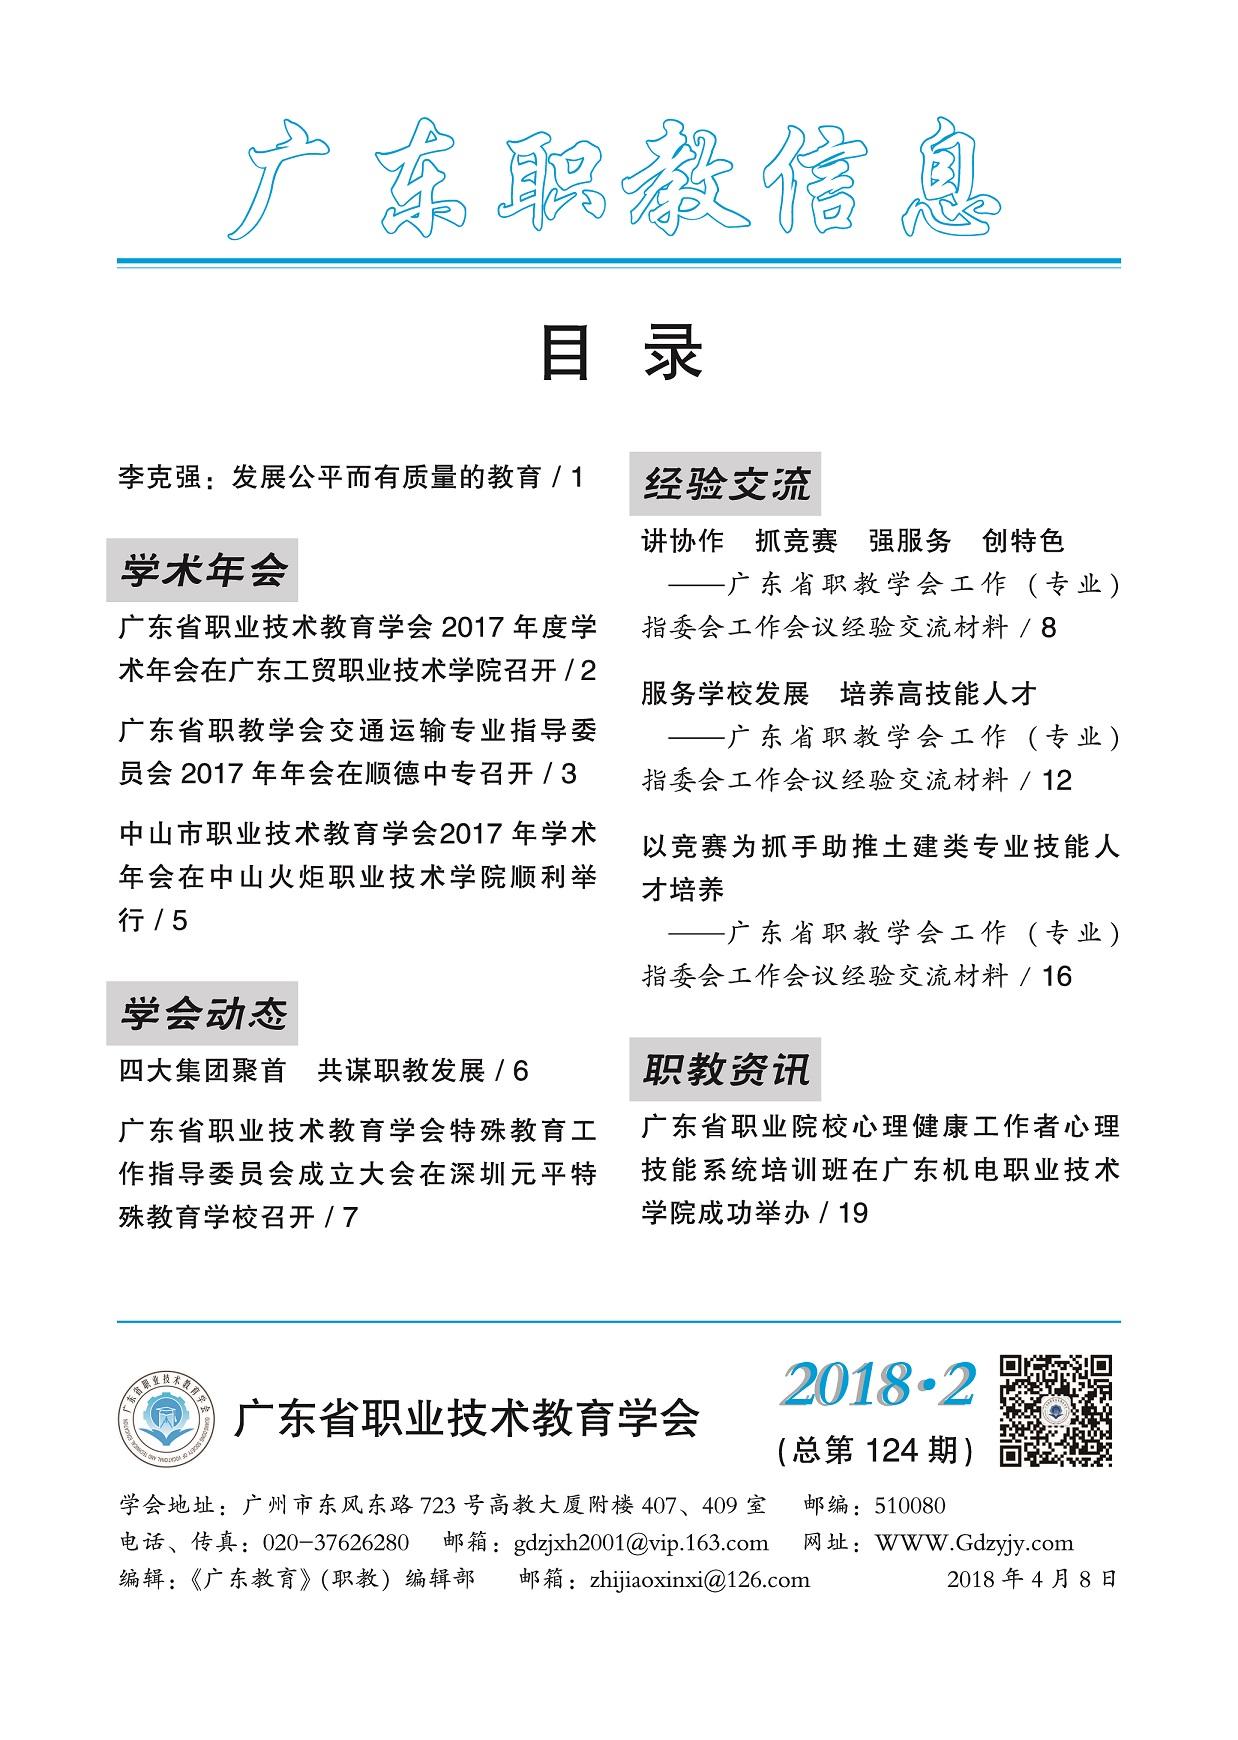 页面提取自-广东职教信息2018第2期.jpg